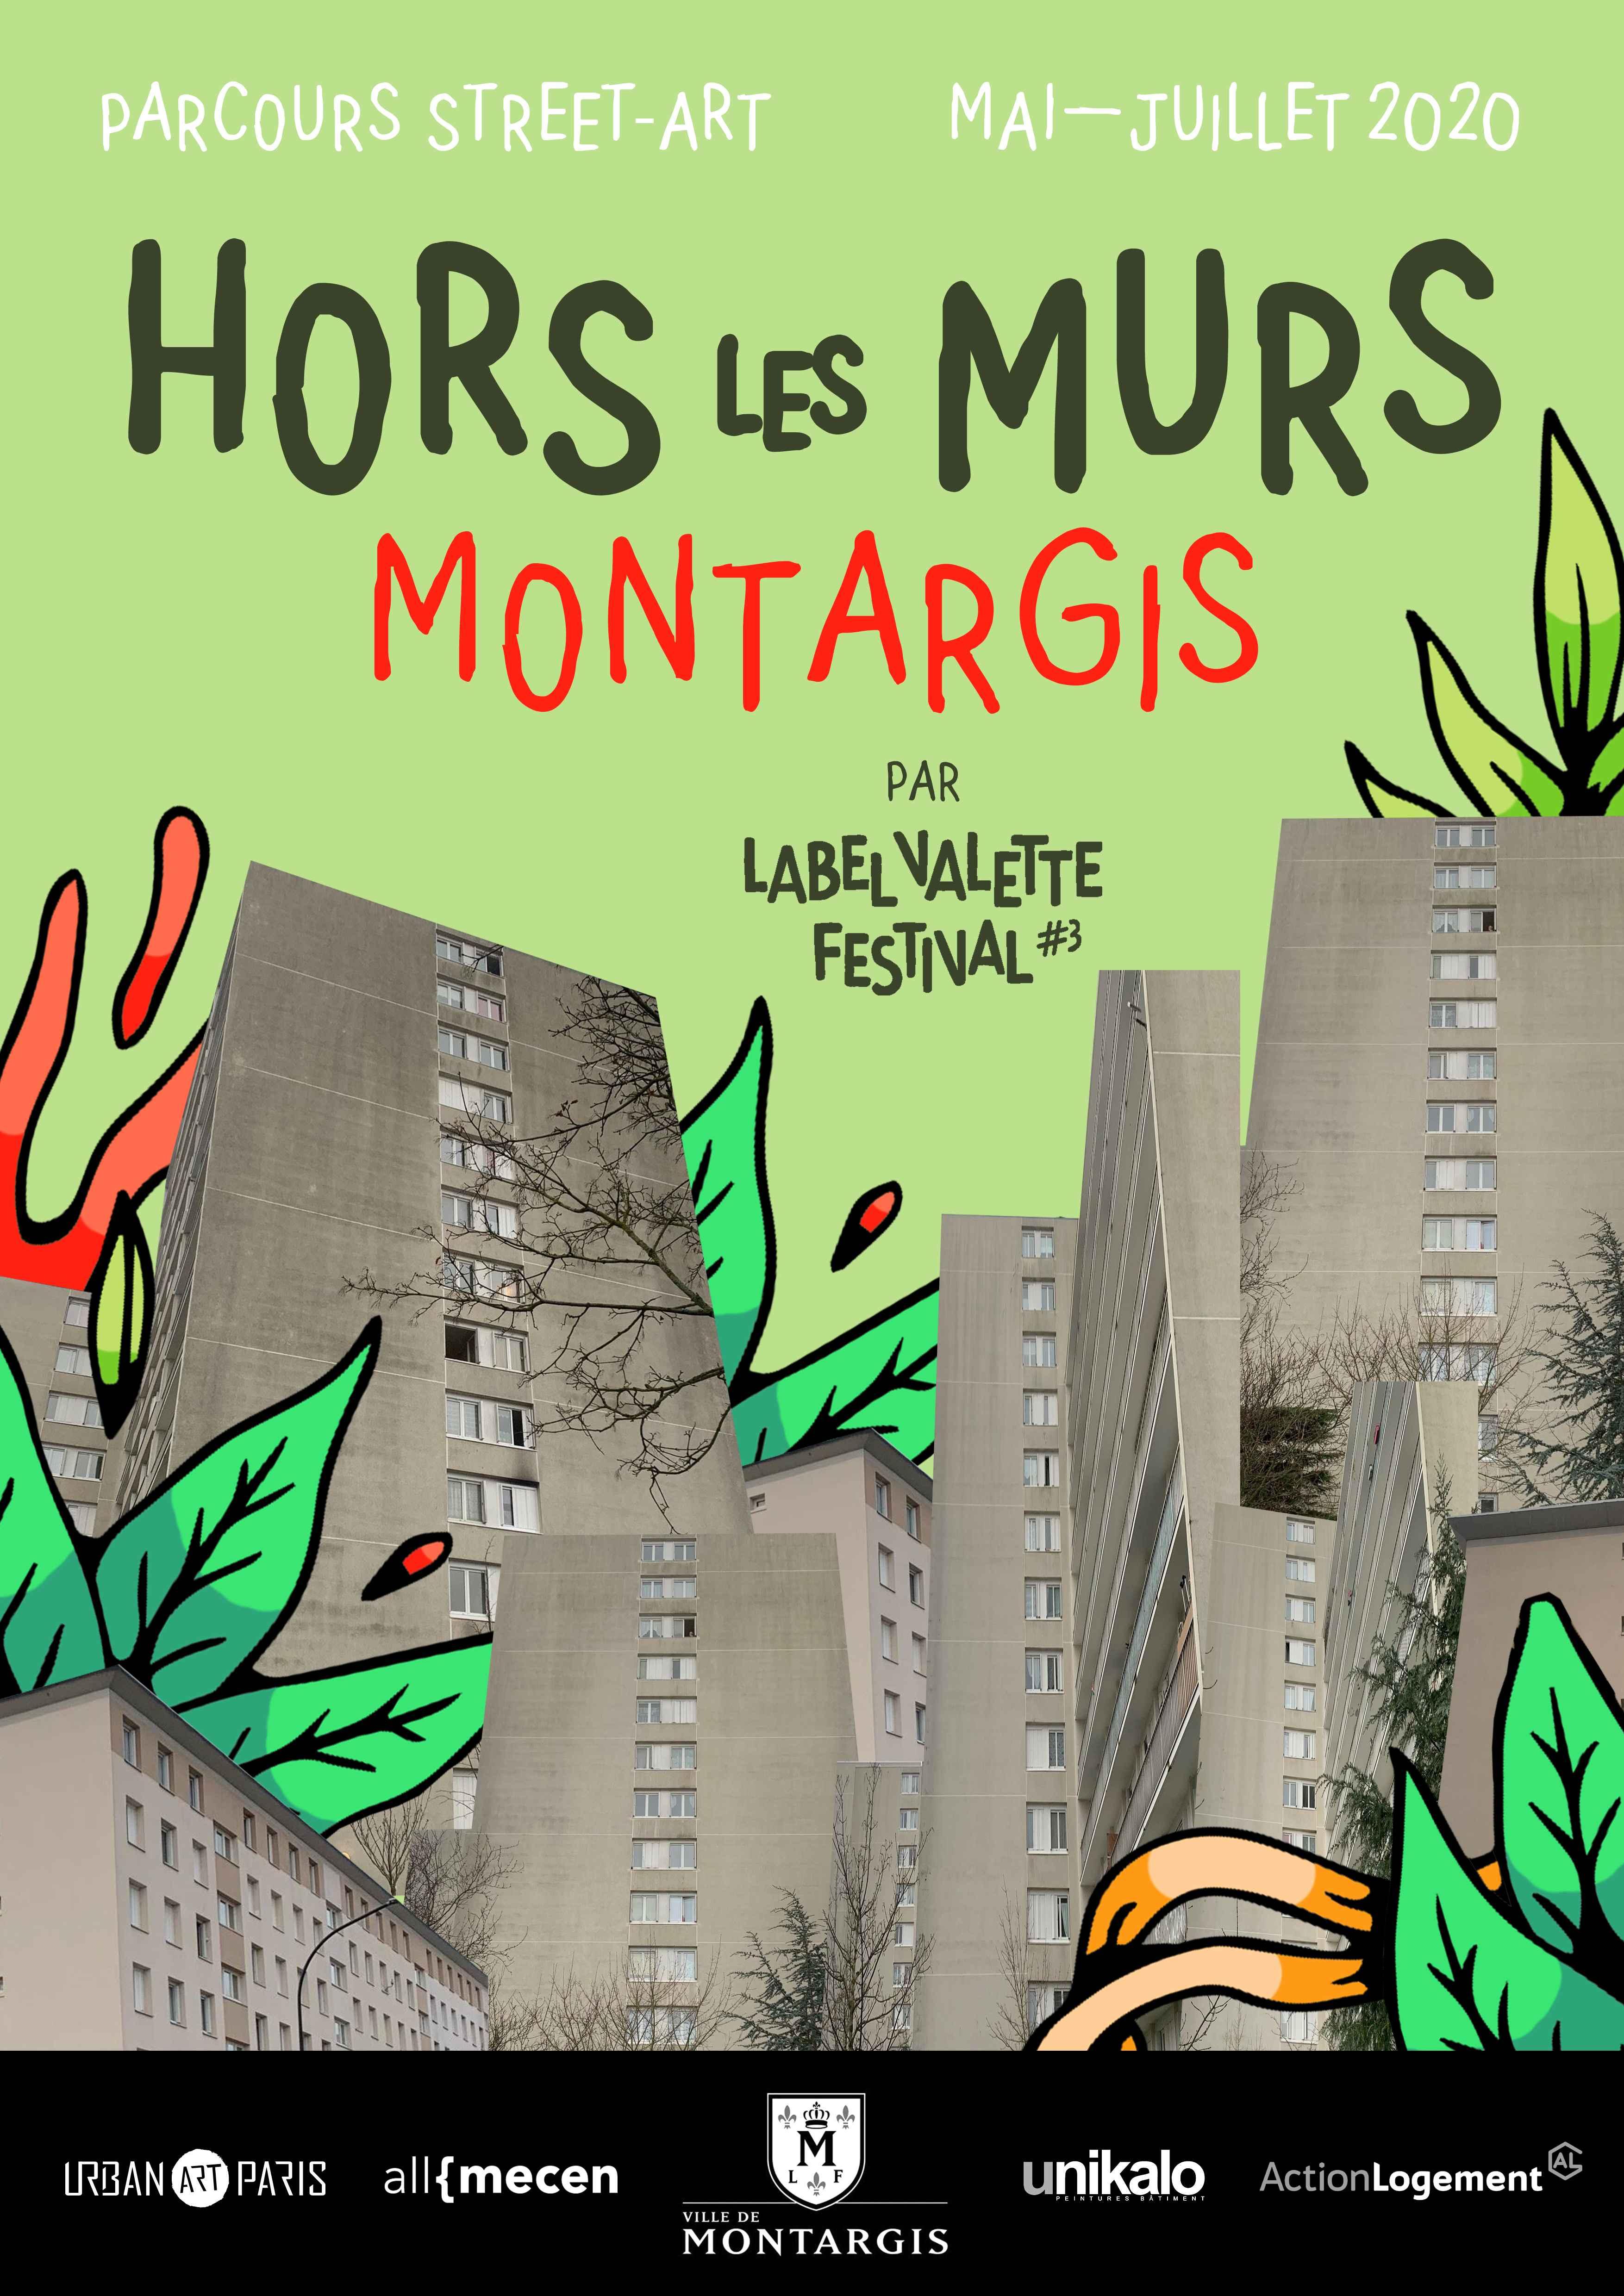 Street Art: LaBel Valette Festival,  HORS LES MURS MONTARGIS